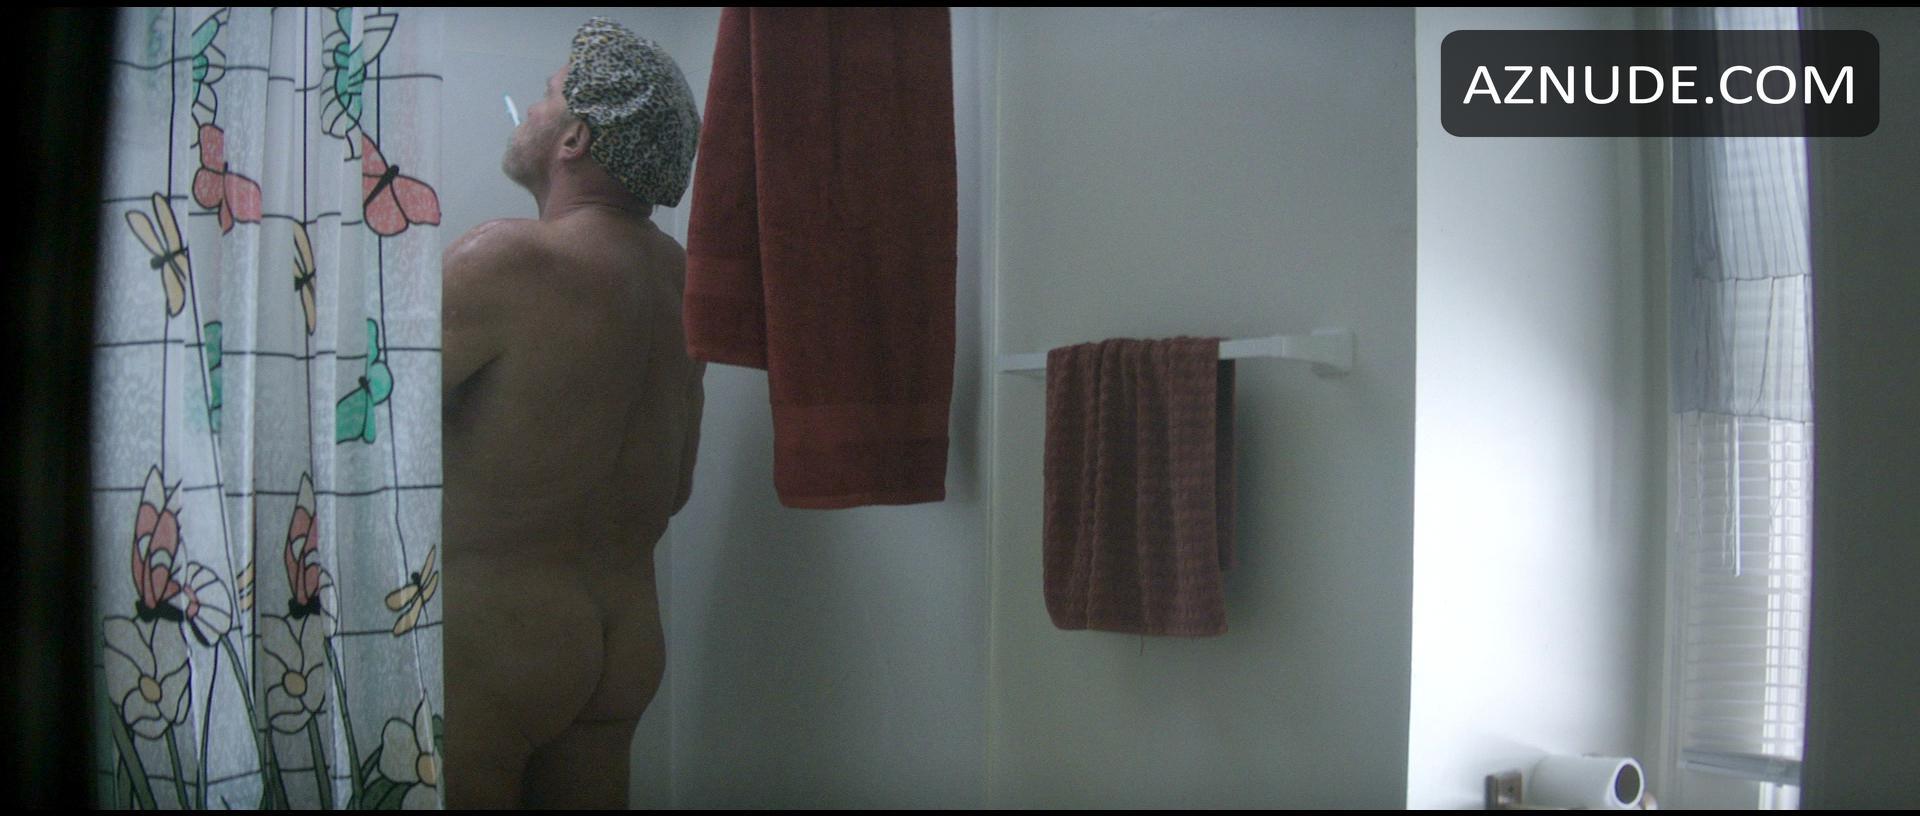 ayesha takia in wanted nude